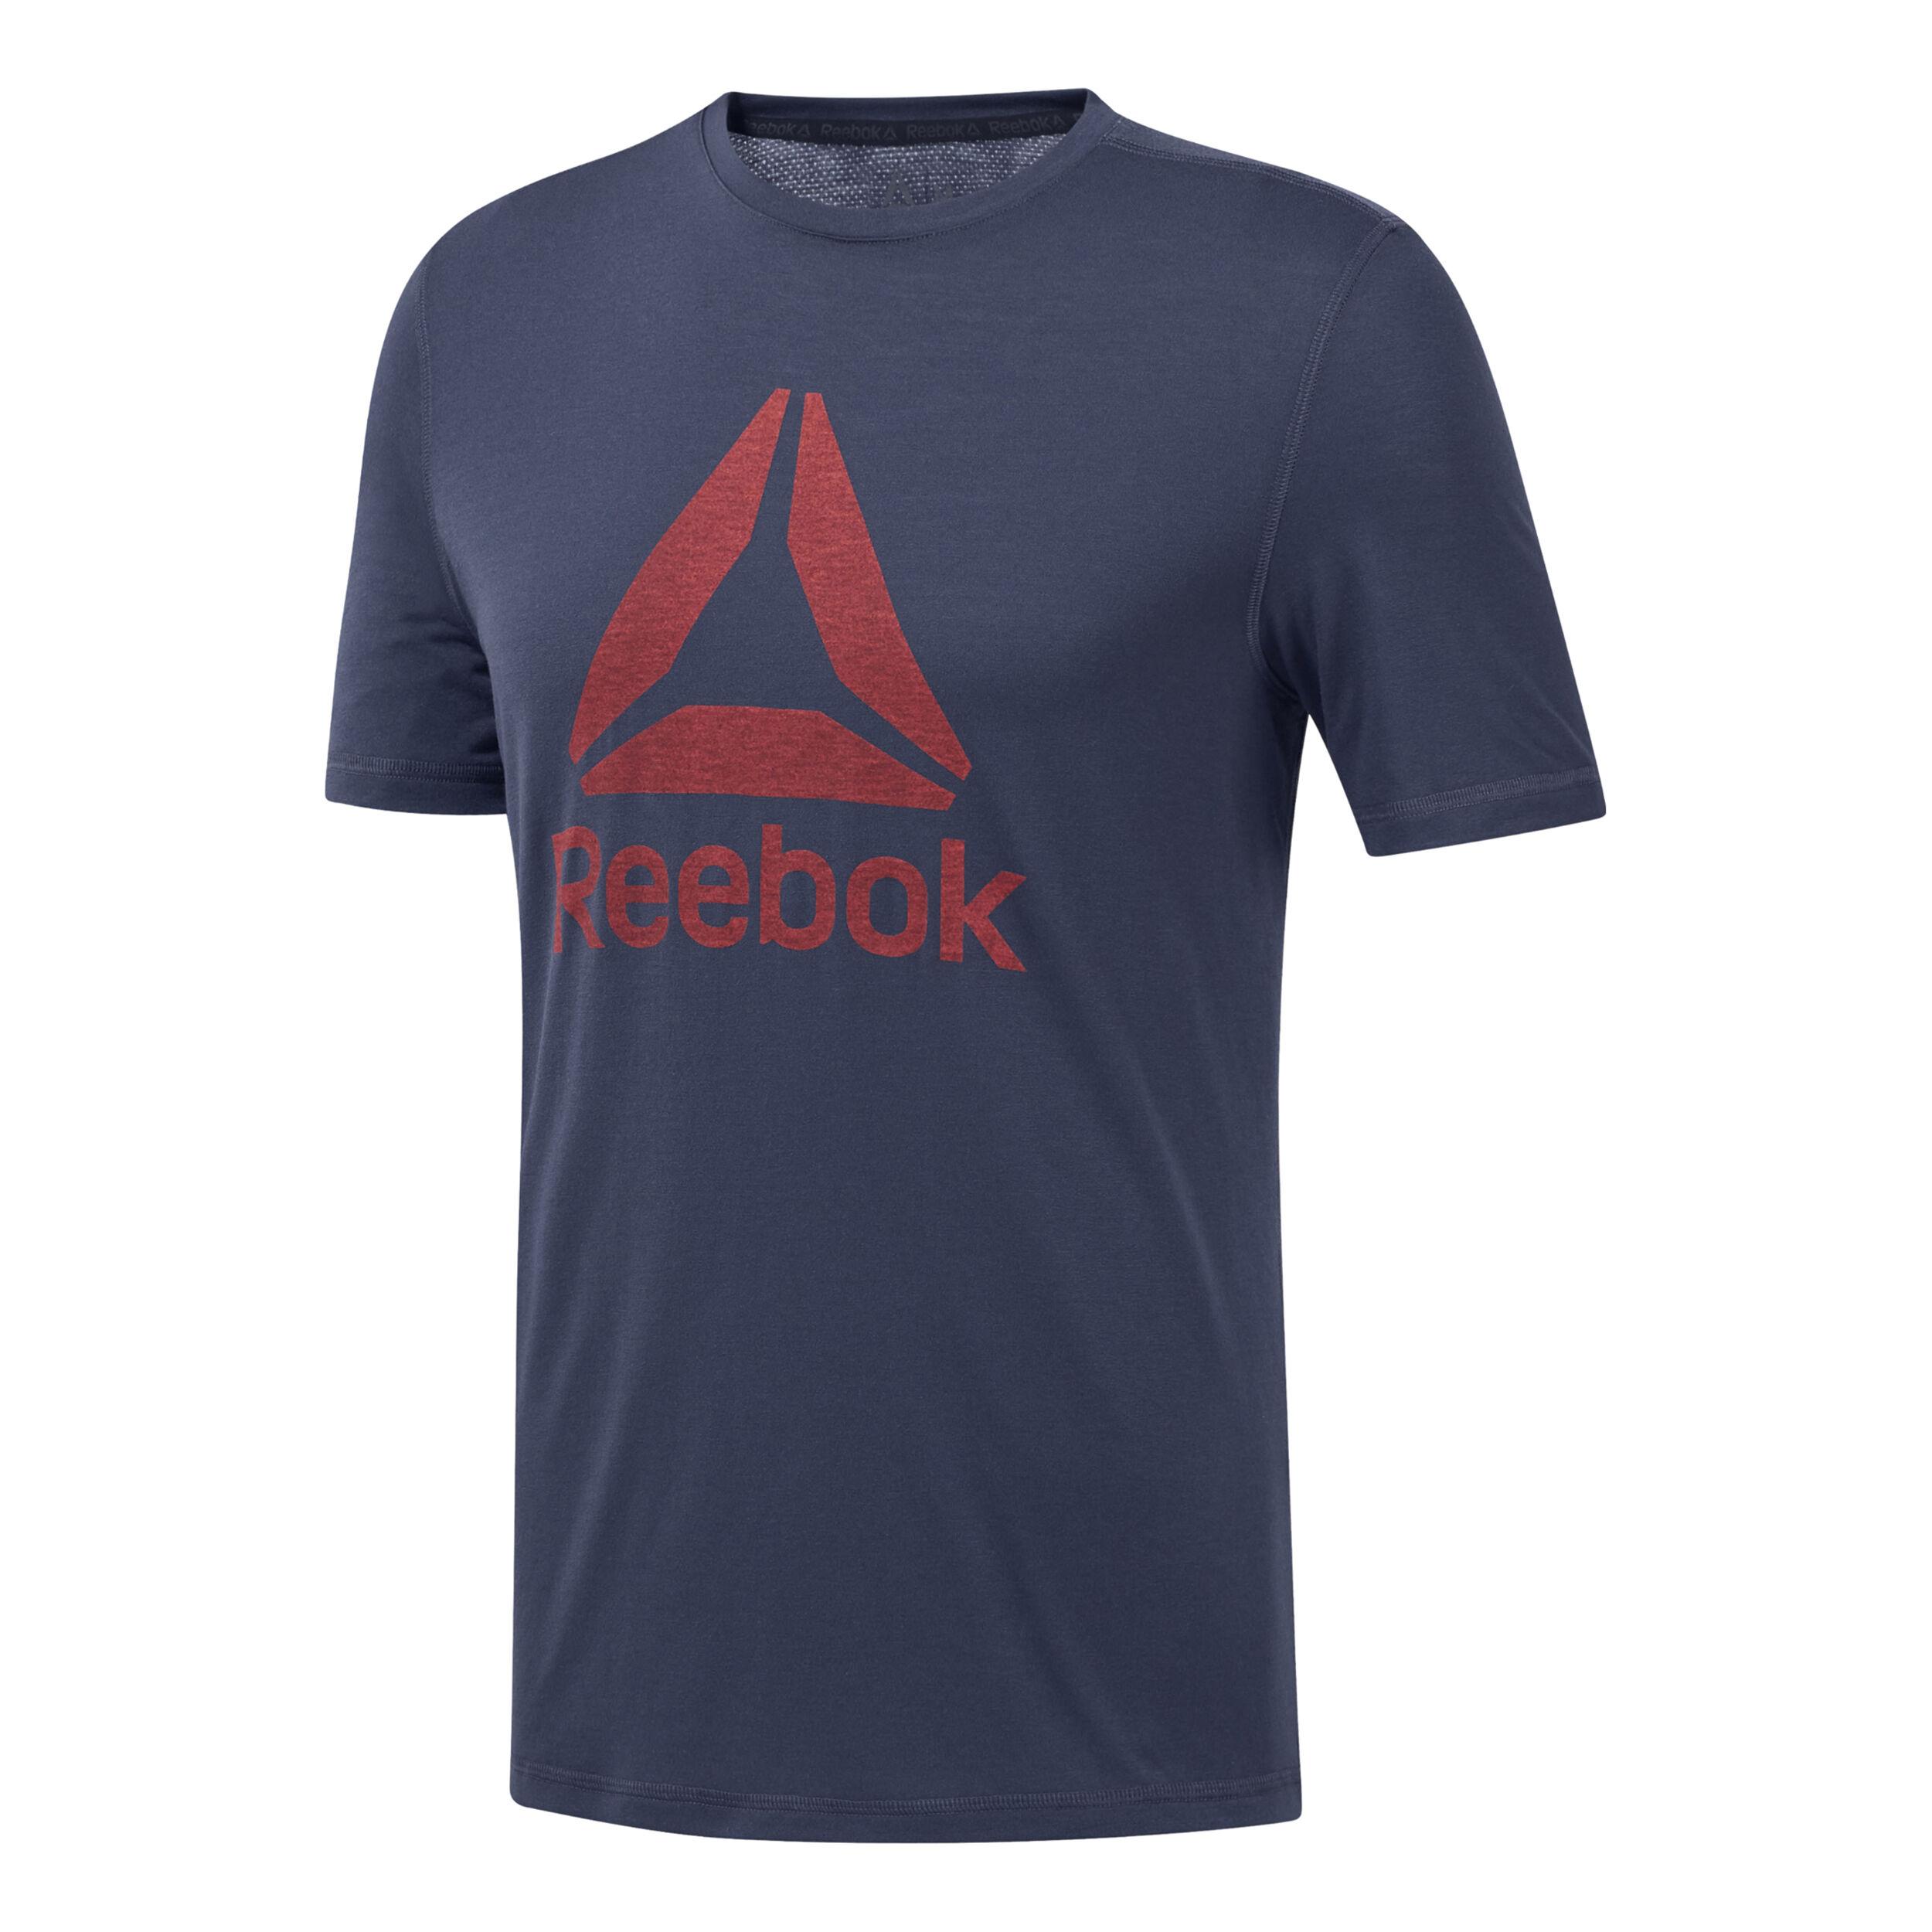 Reebok boutique en ligne | vêtements masculins et féminins